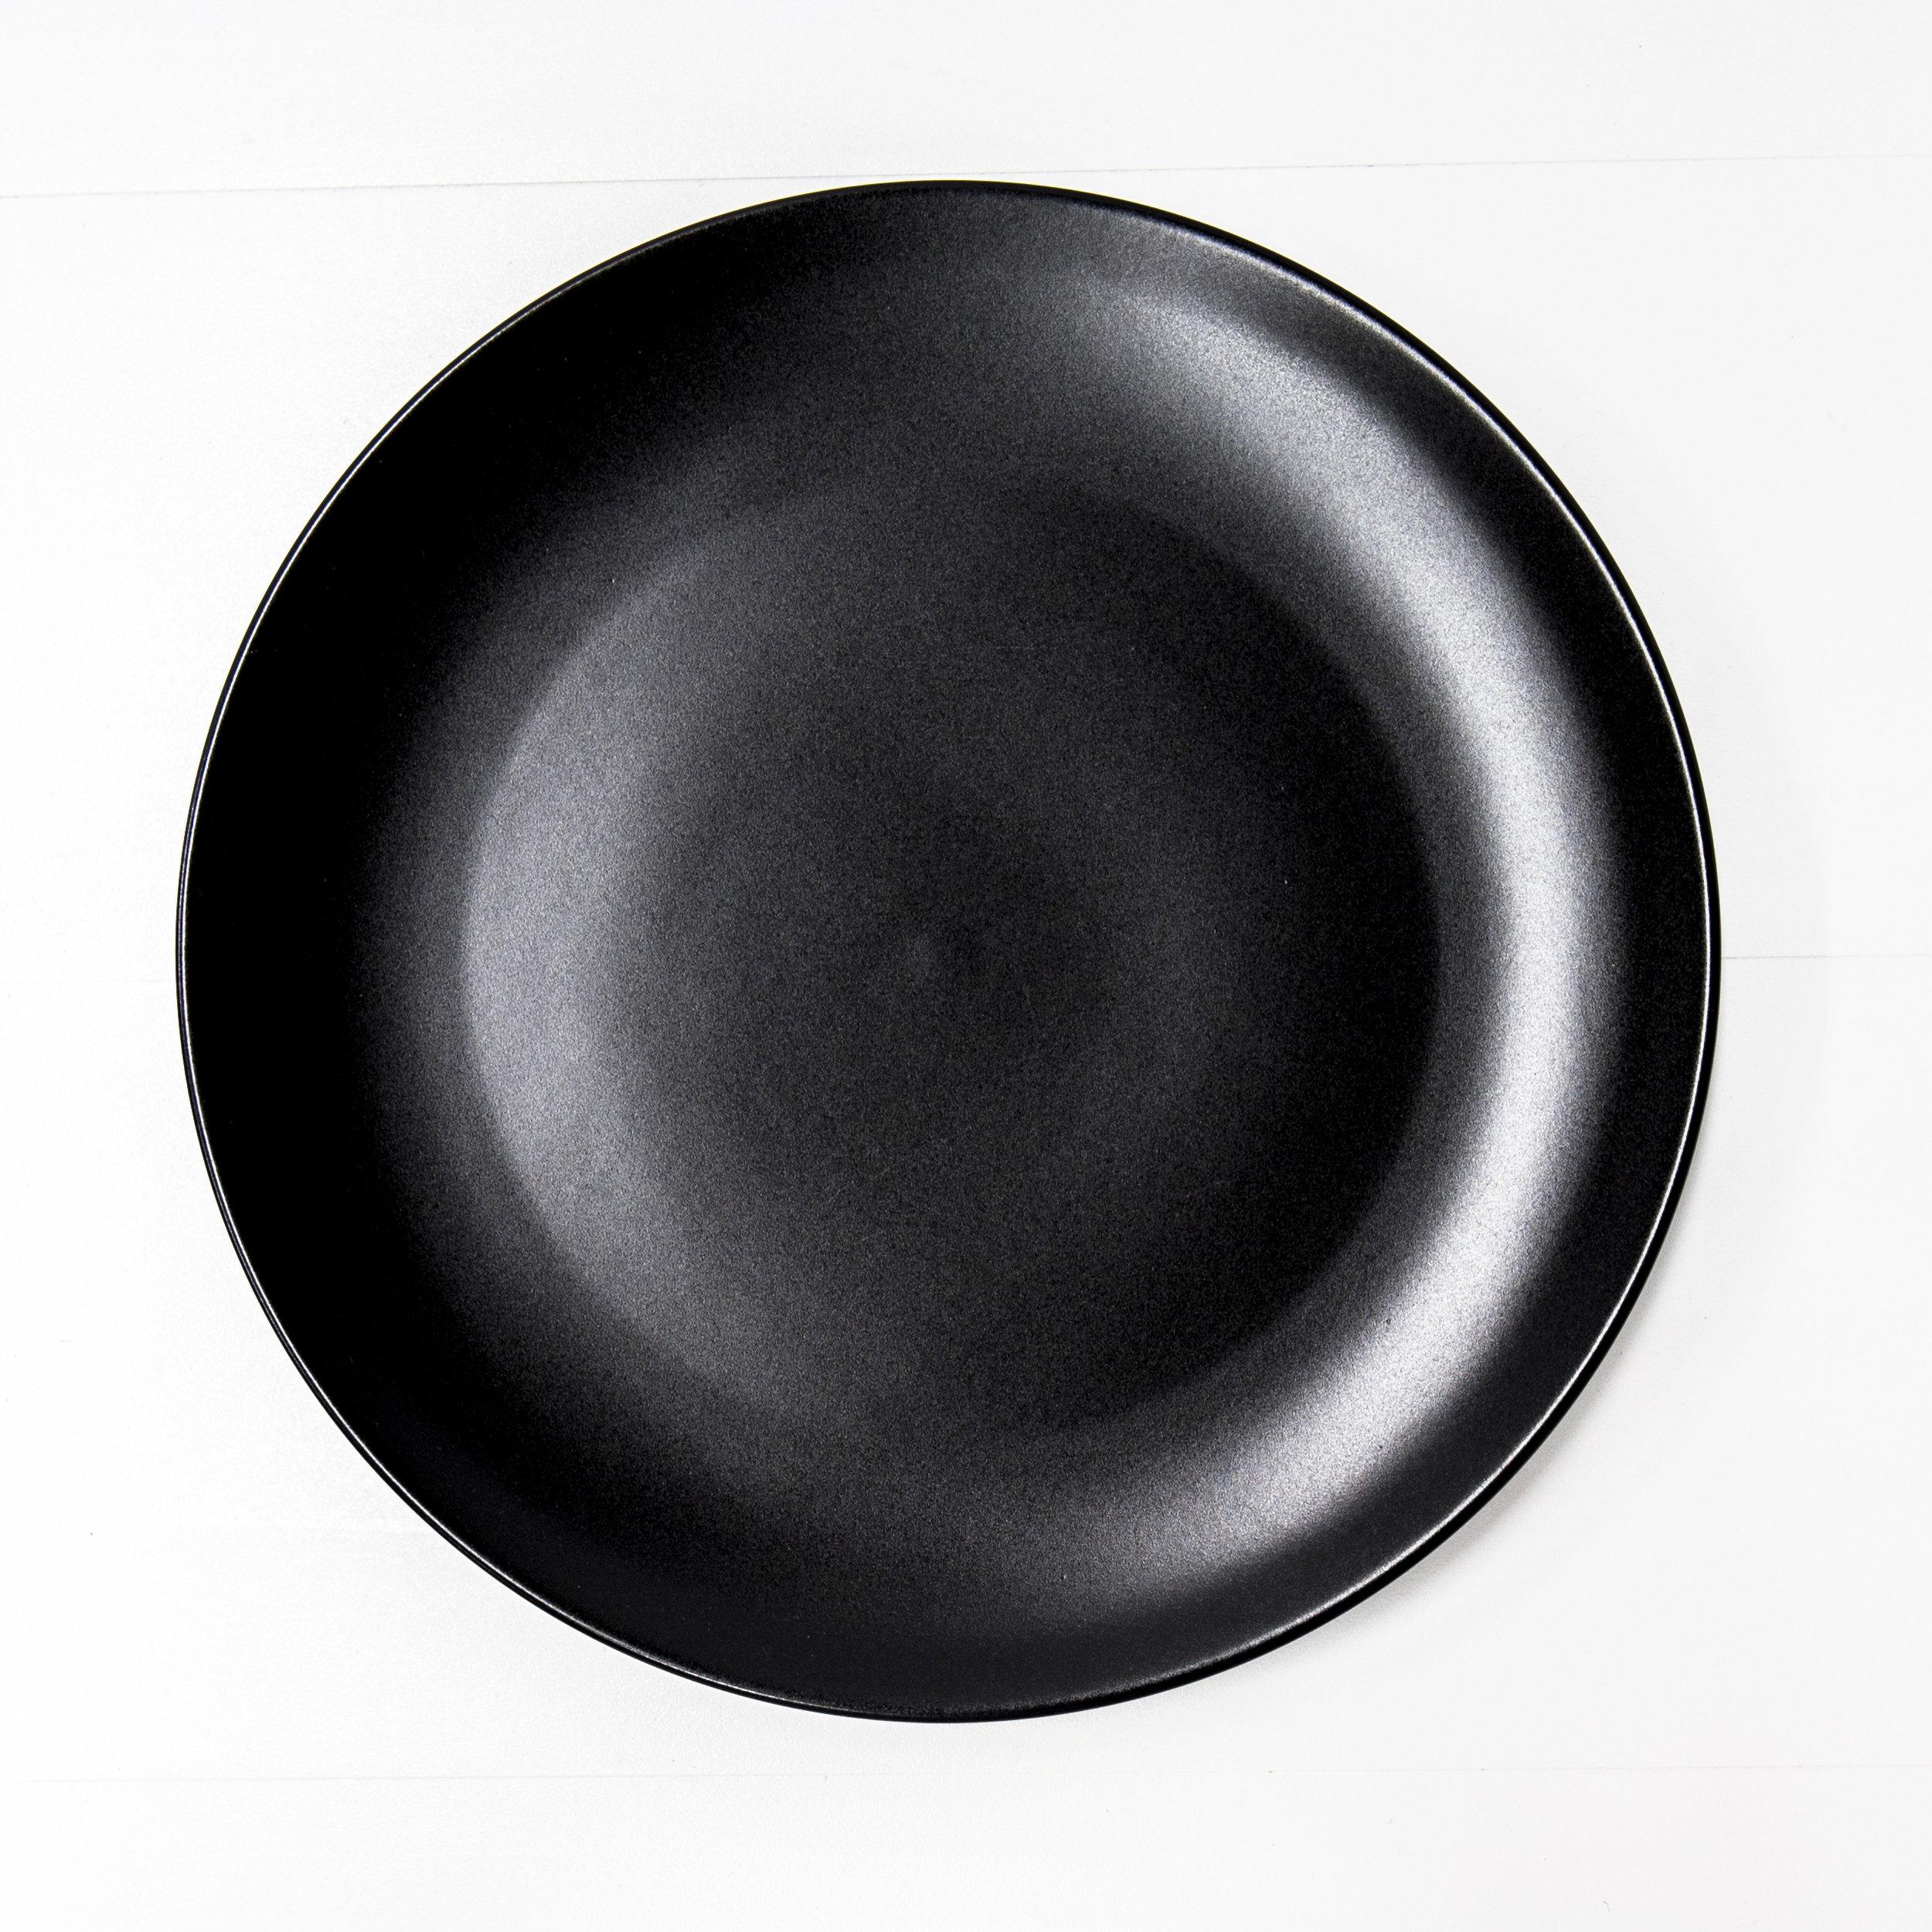 Black Dinner Plate